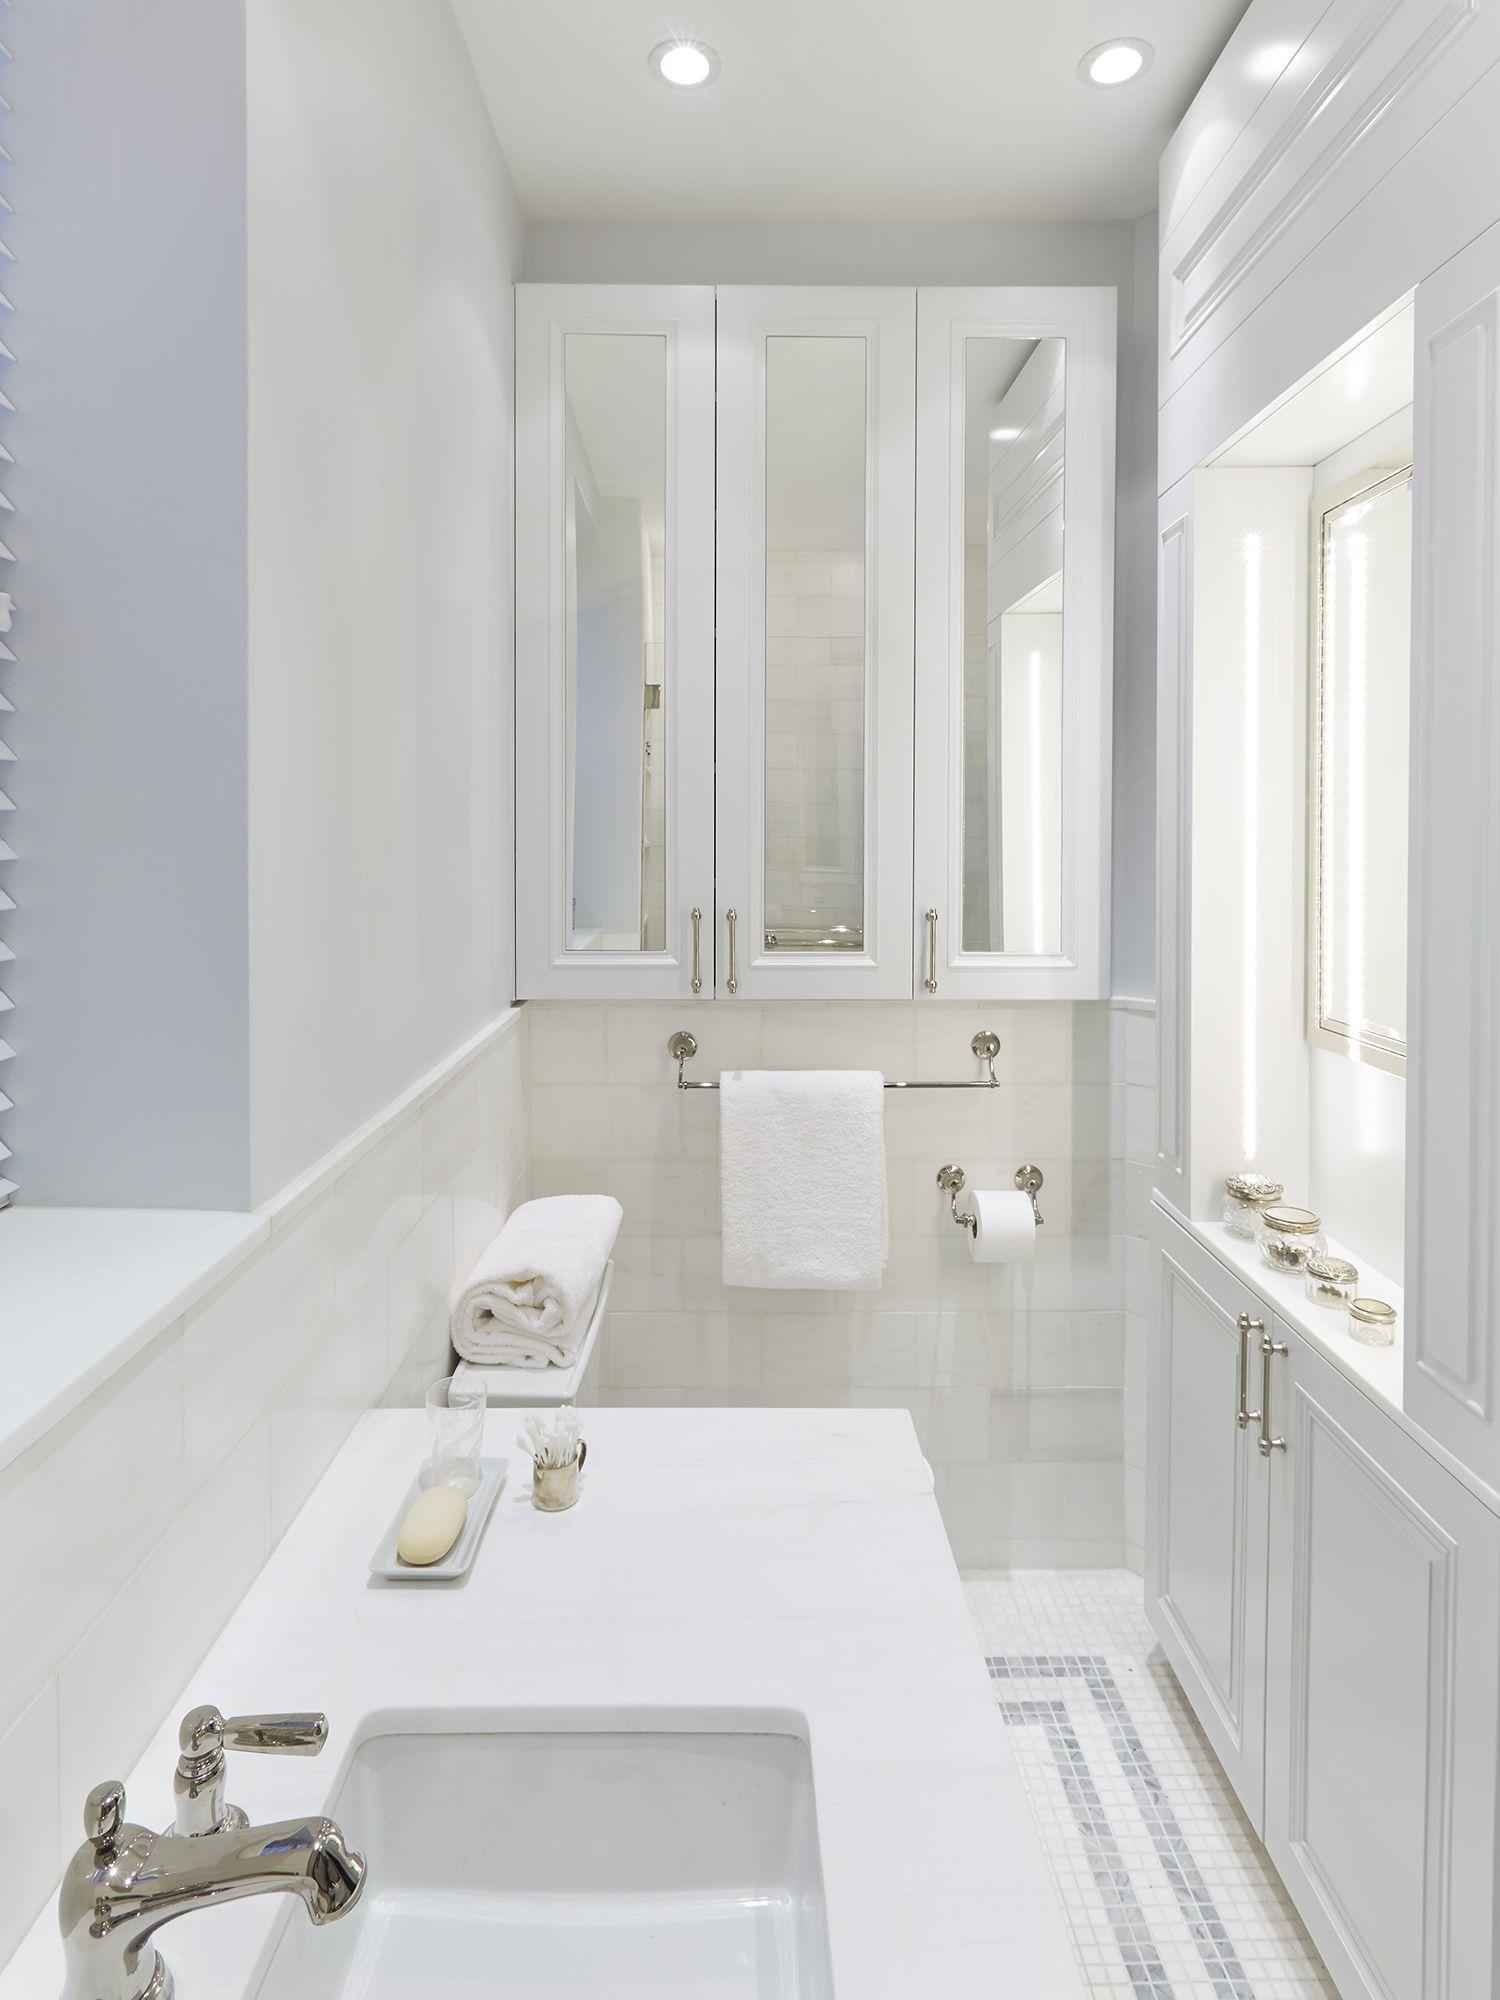 PORTFOLIO | Bathroom interior design, Design, Bathroom design